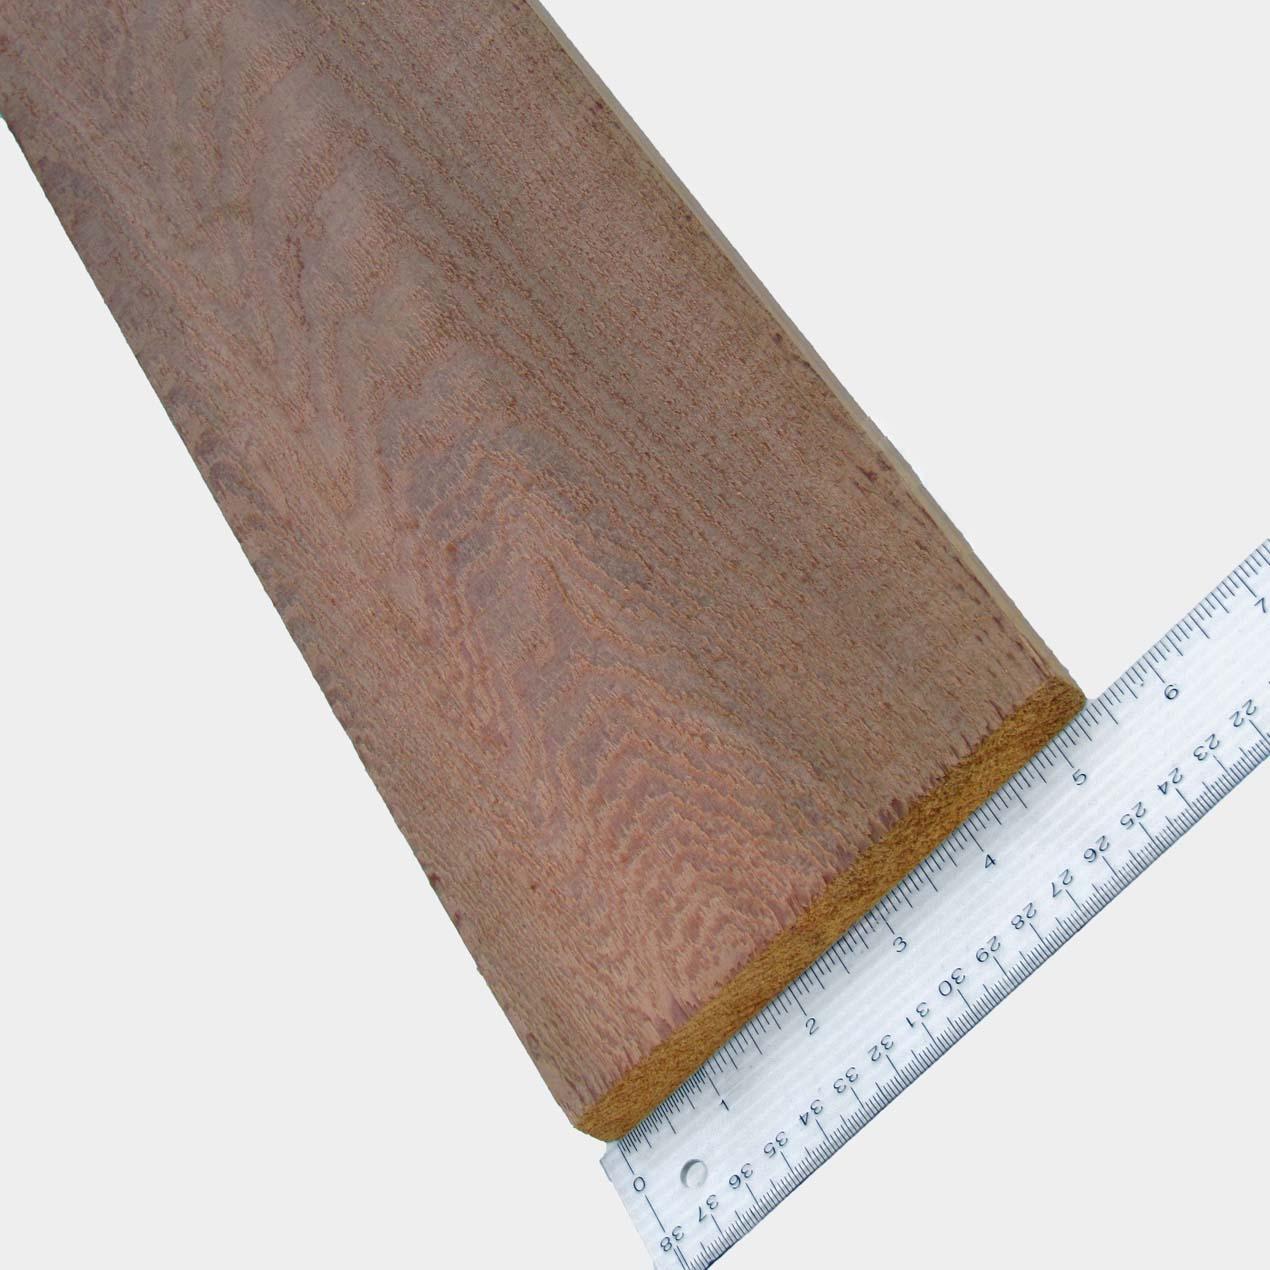 1x6 wr cedar a better s1s2e capitol city lumber